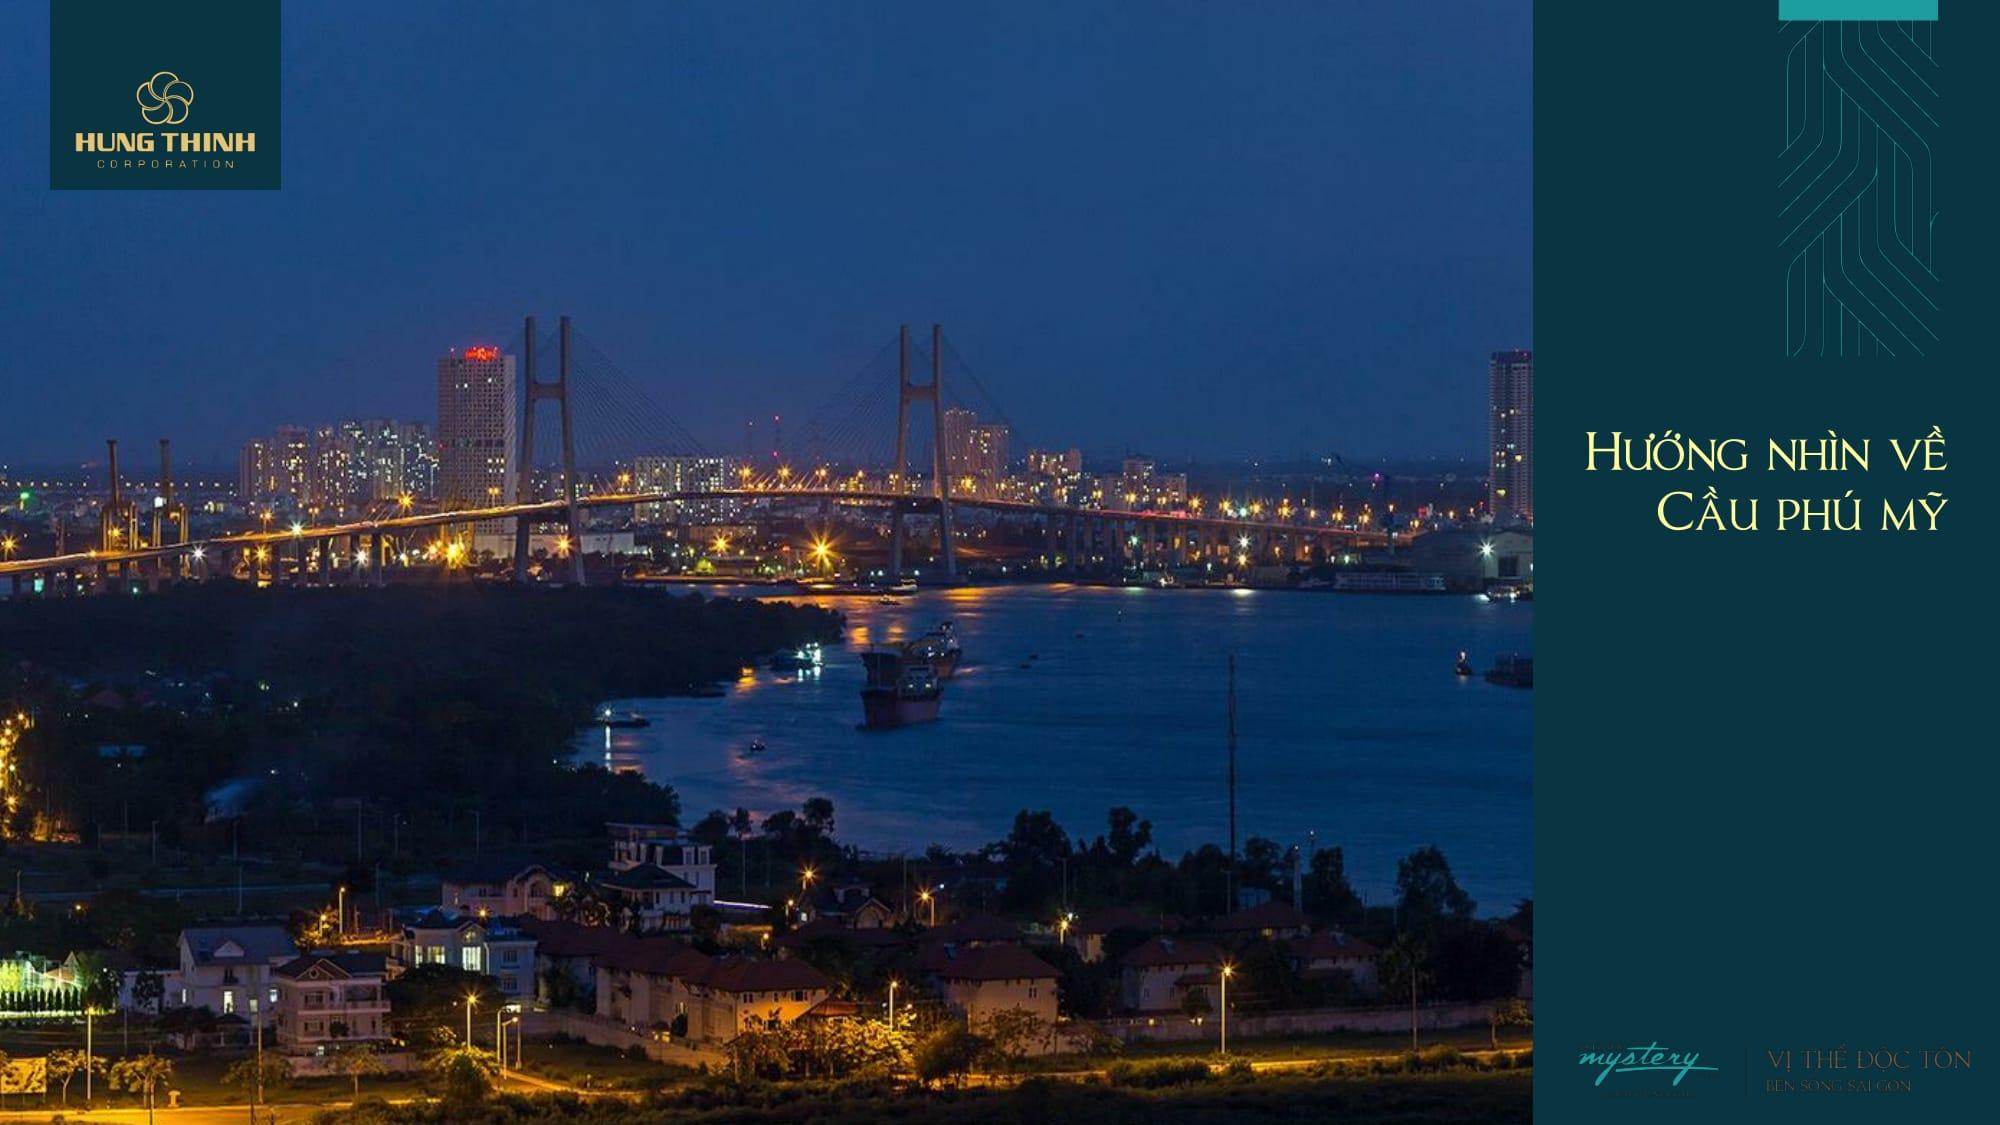 Sỡ hữu vị trí đắt giá với 2 mặt giáp sông, Saigon Mystery Villas tọa lạc ngay trung tâm hành chính Quận 2 và liền kề Khu đô thị mới Thủ Thiêm